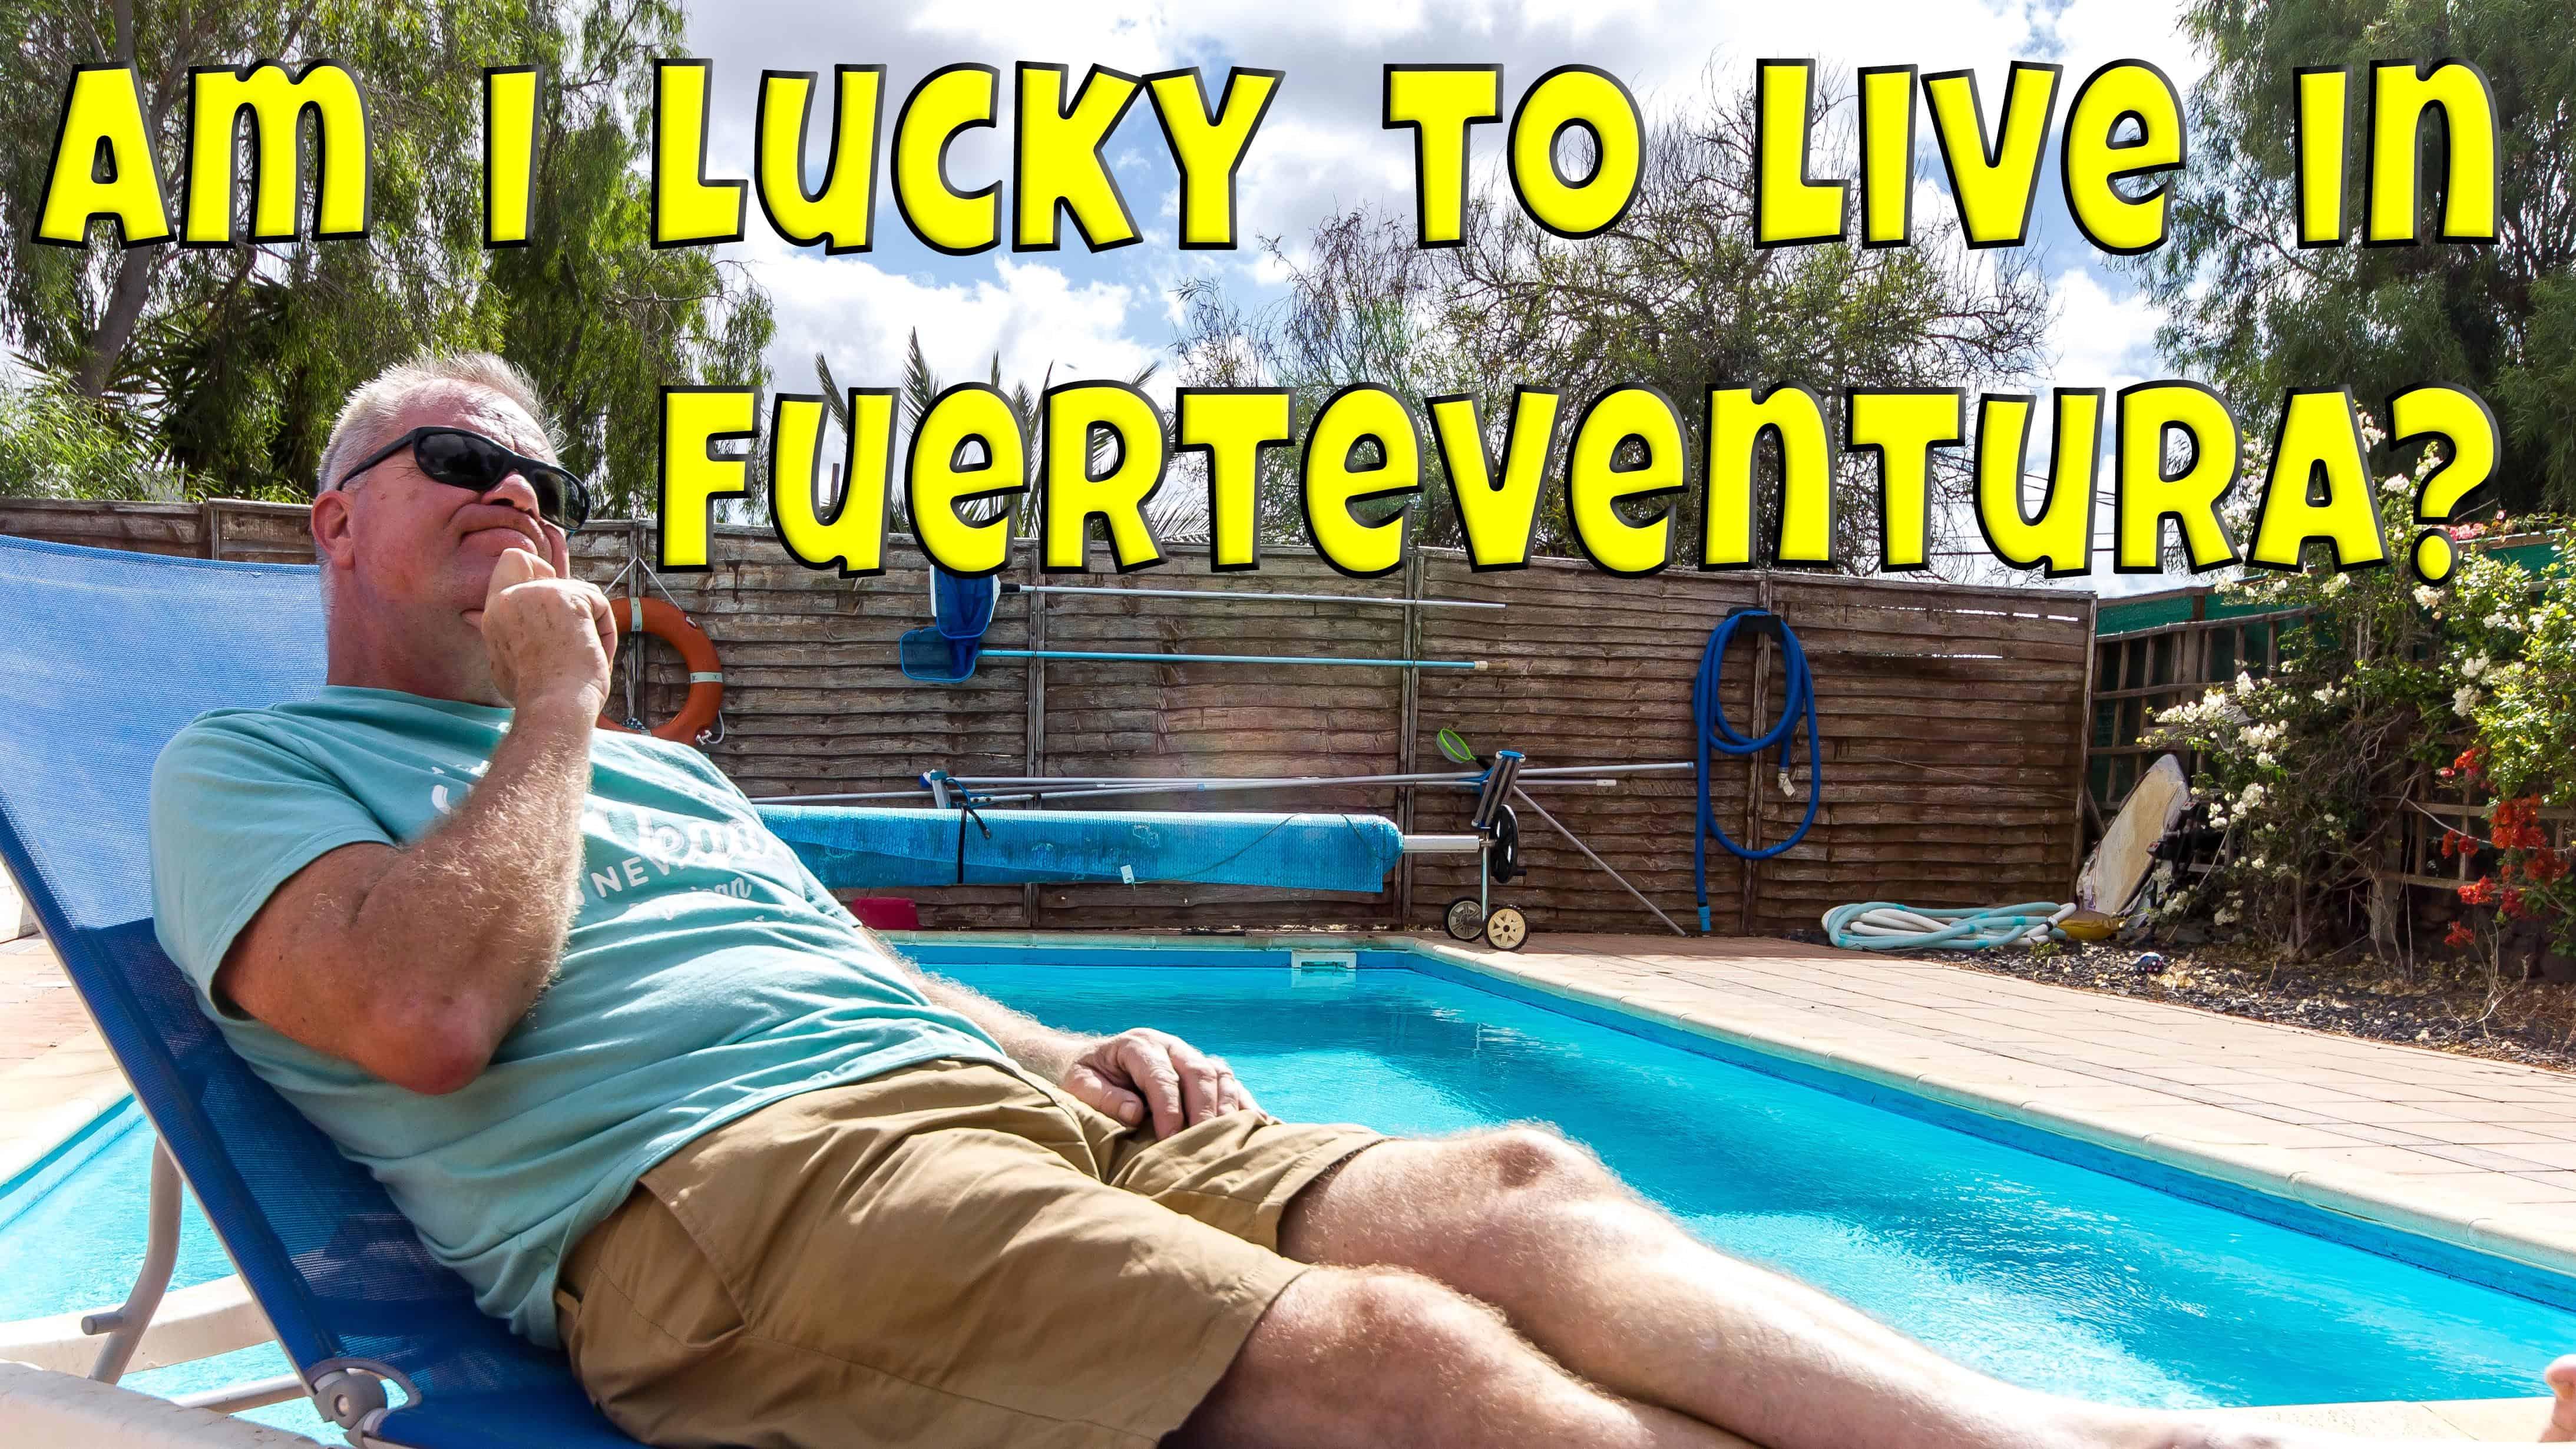 Retire to Fuerteventura